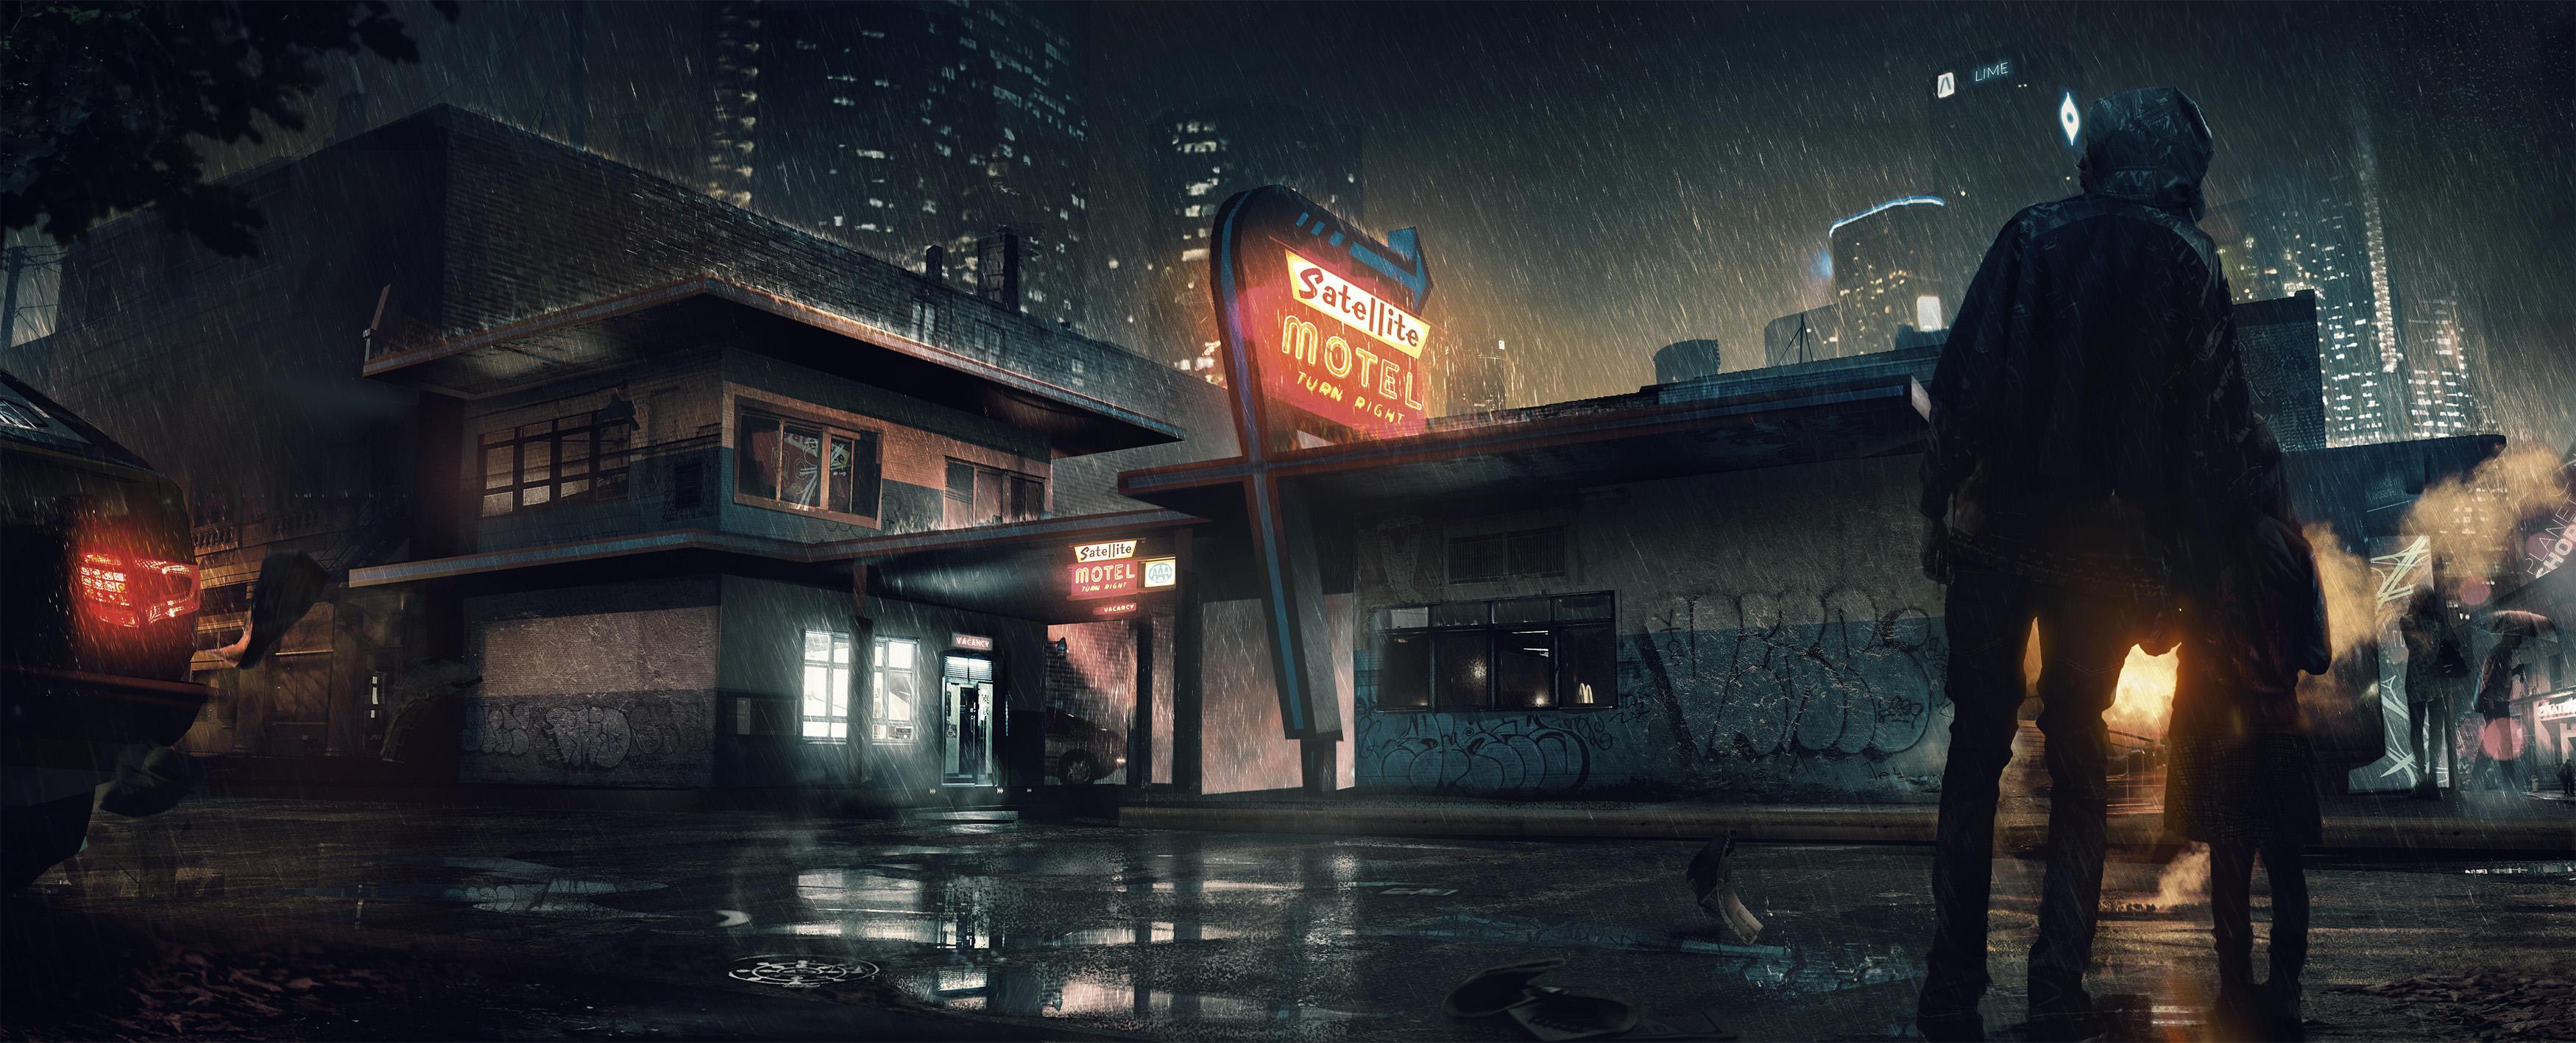 Motel - Detroit: Become Human by WojtekFus